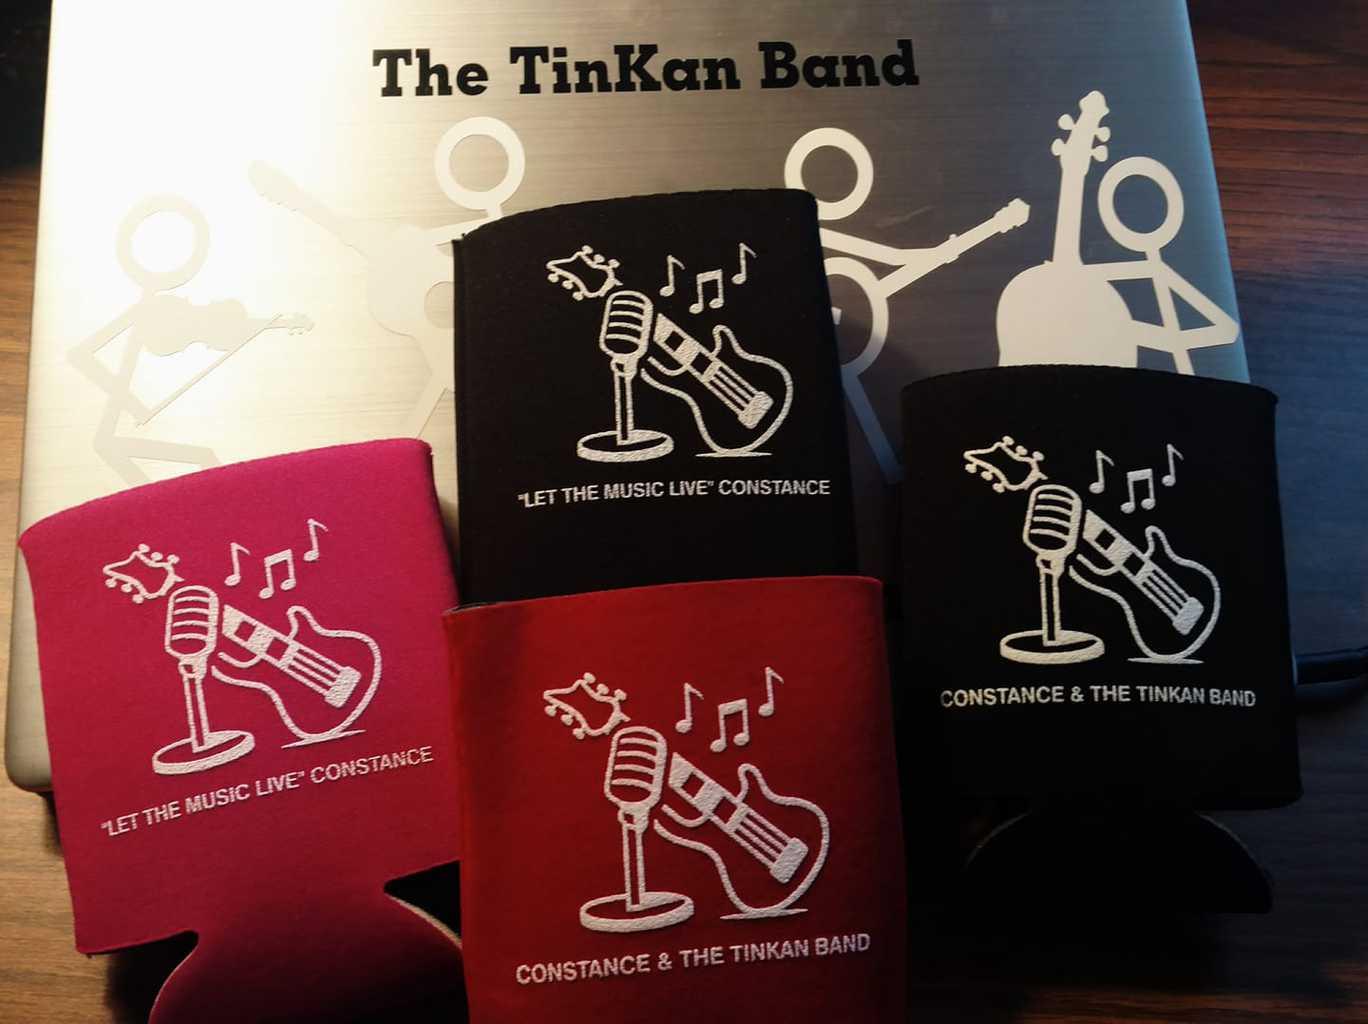 The TinKan Band